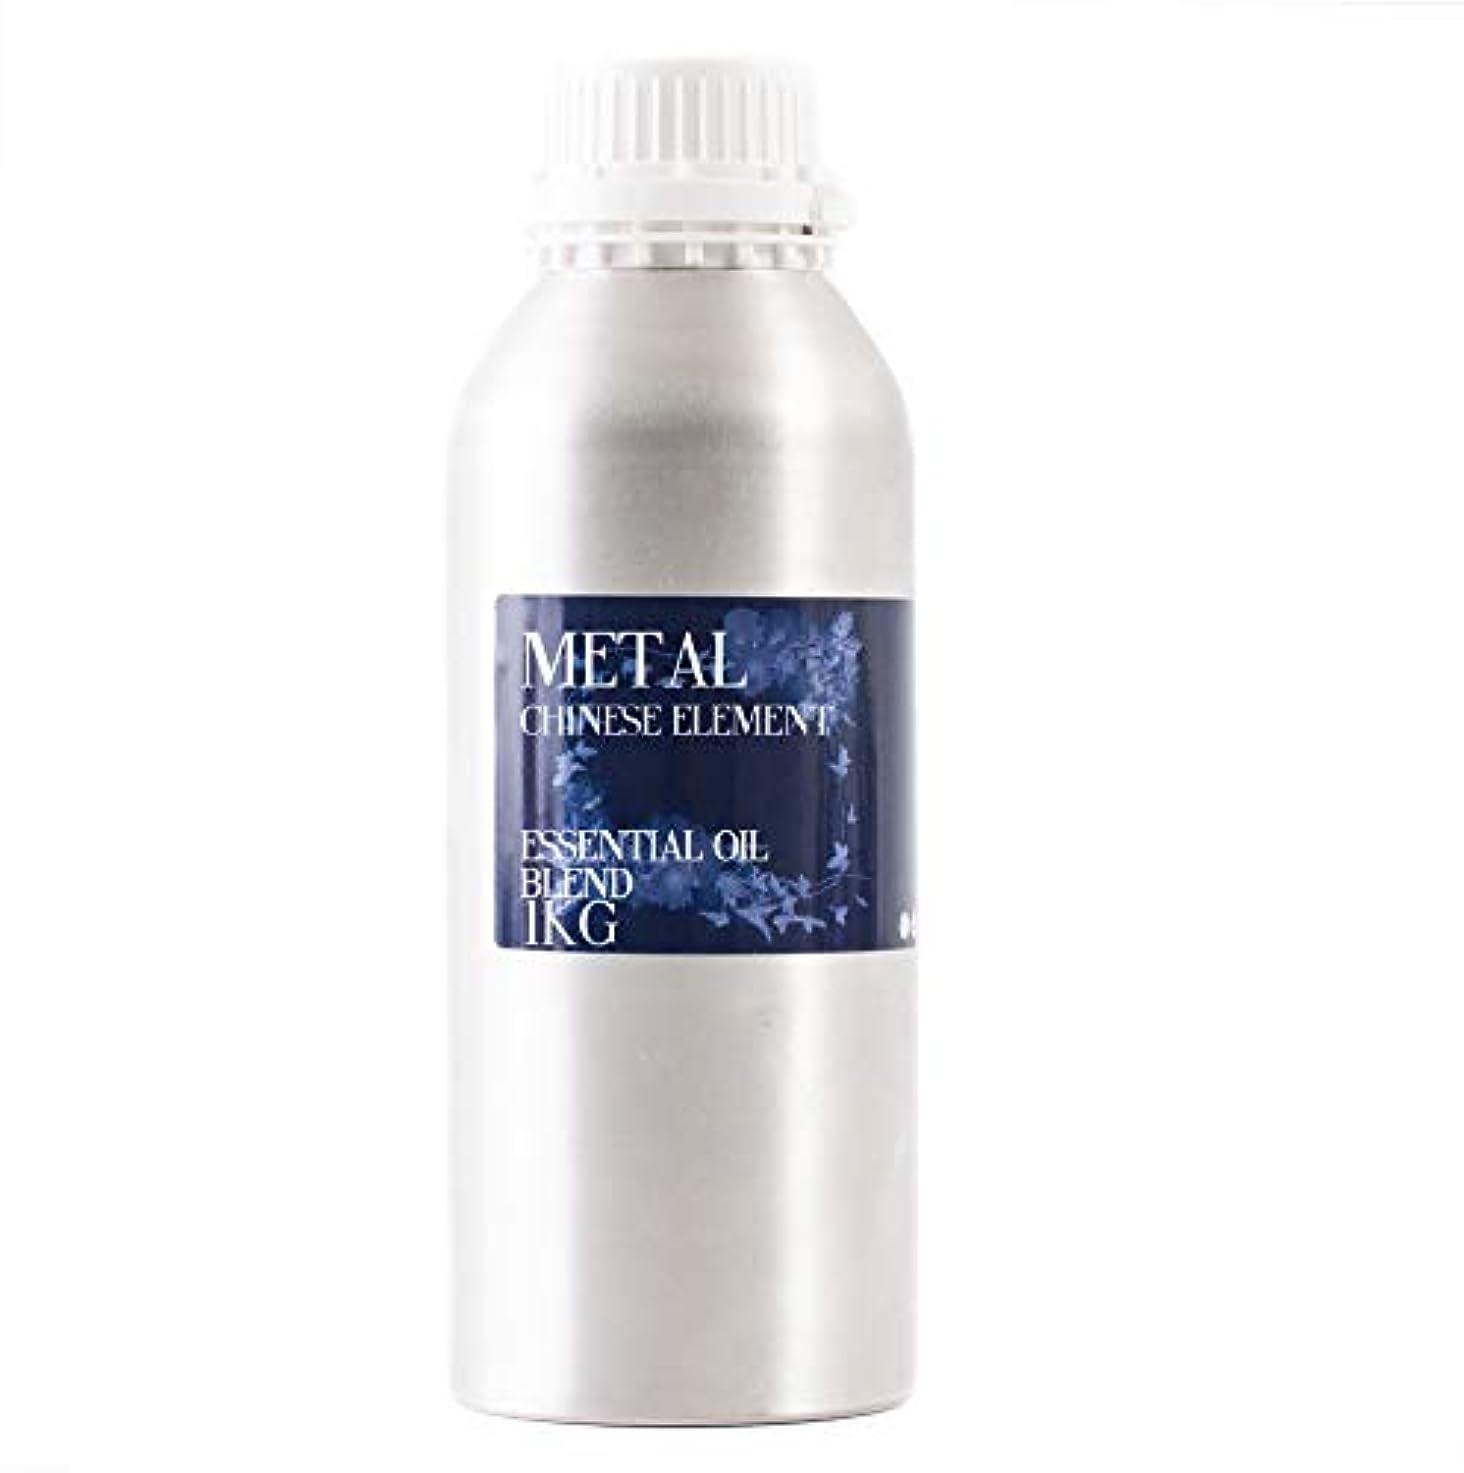 憂鬱アラスカ変換するMystix London | Chinese Metal Element Essential Oil Blend - 1Kg